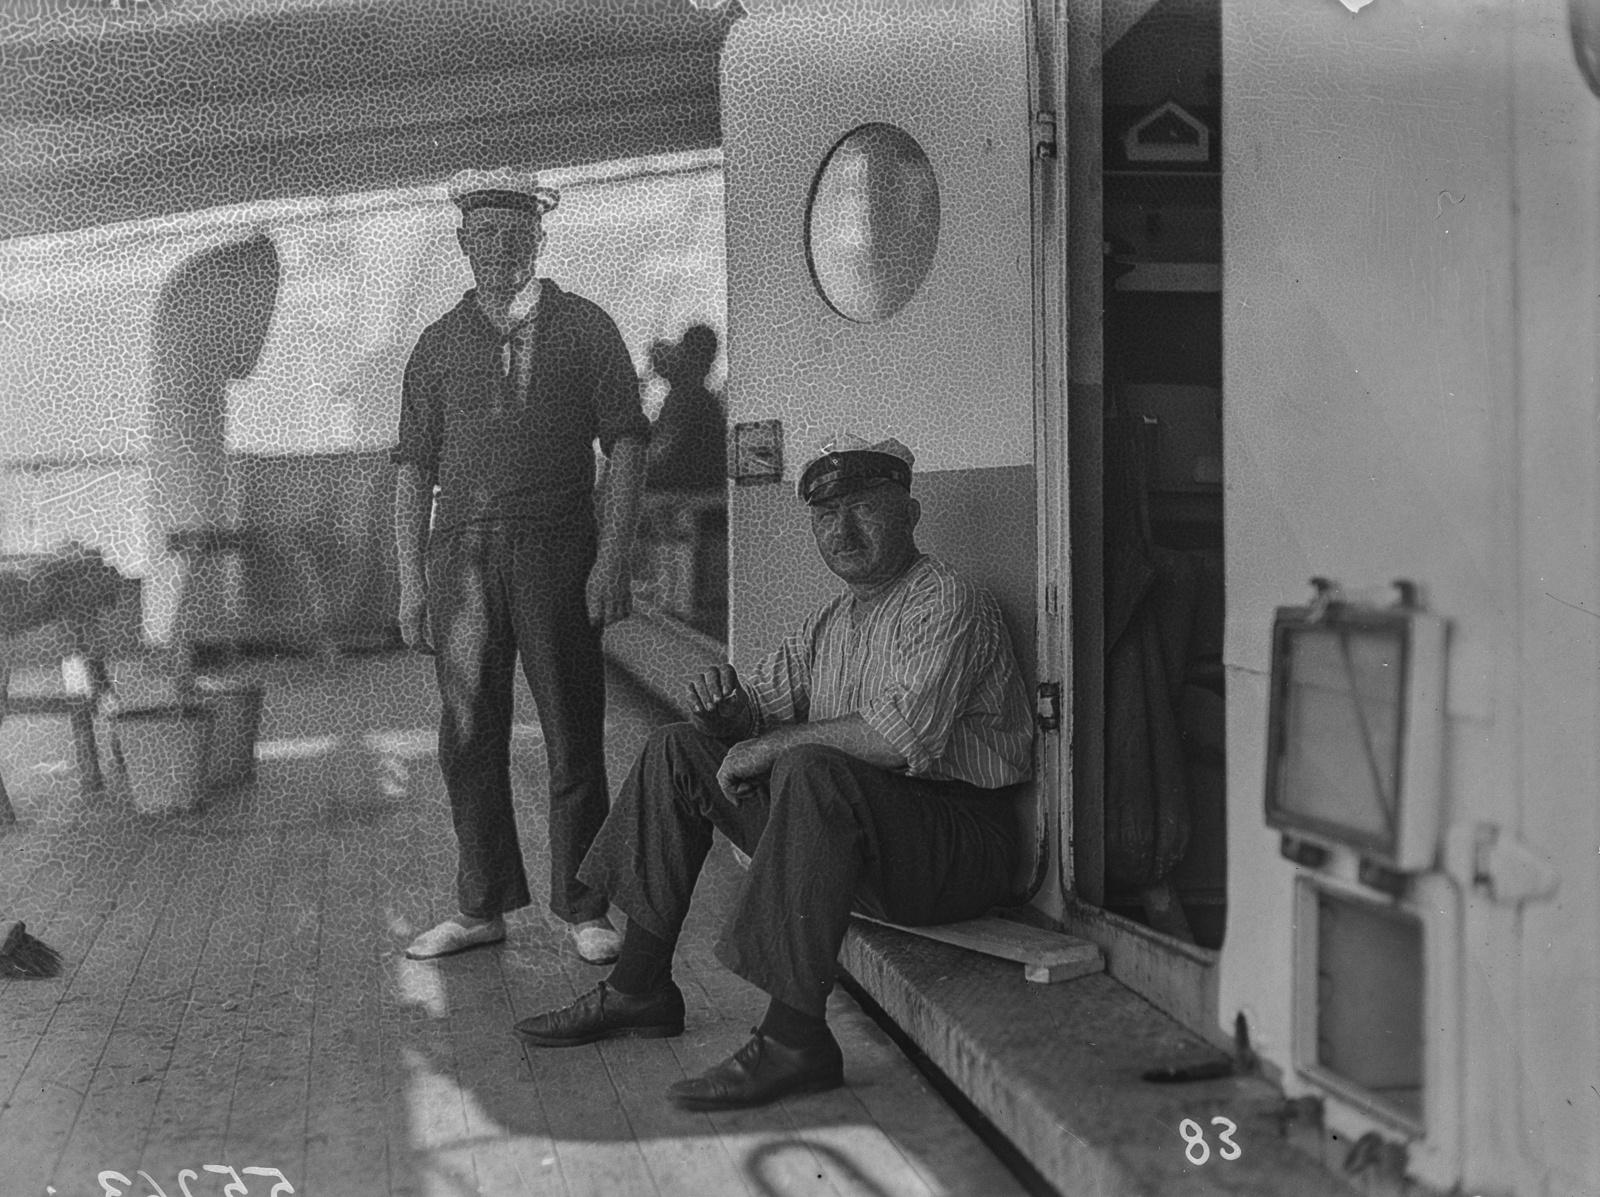 Портреты двух членов экипажа на палубе парохода «Усамбара»